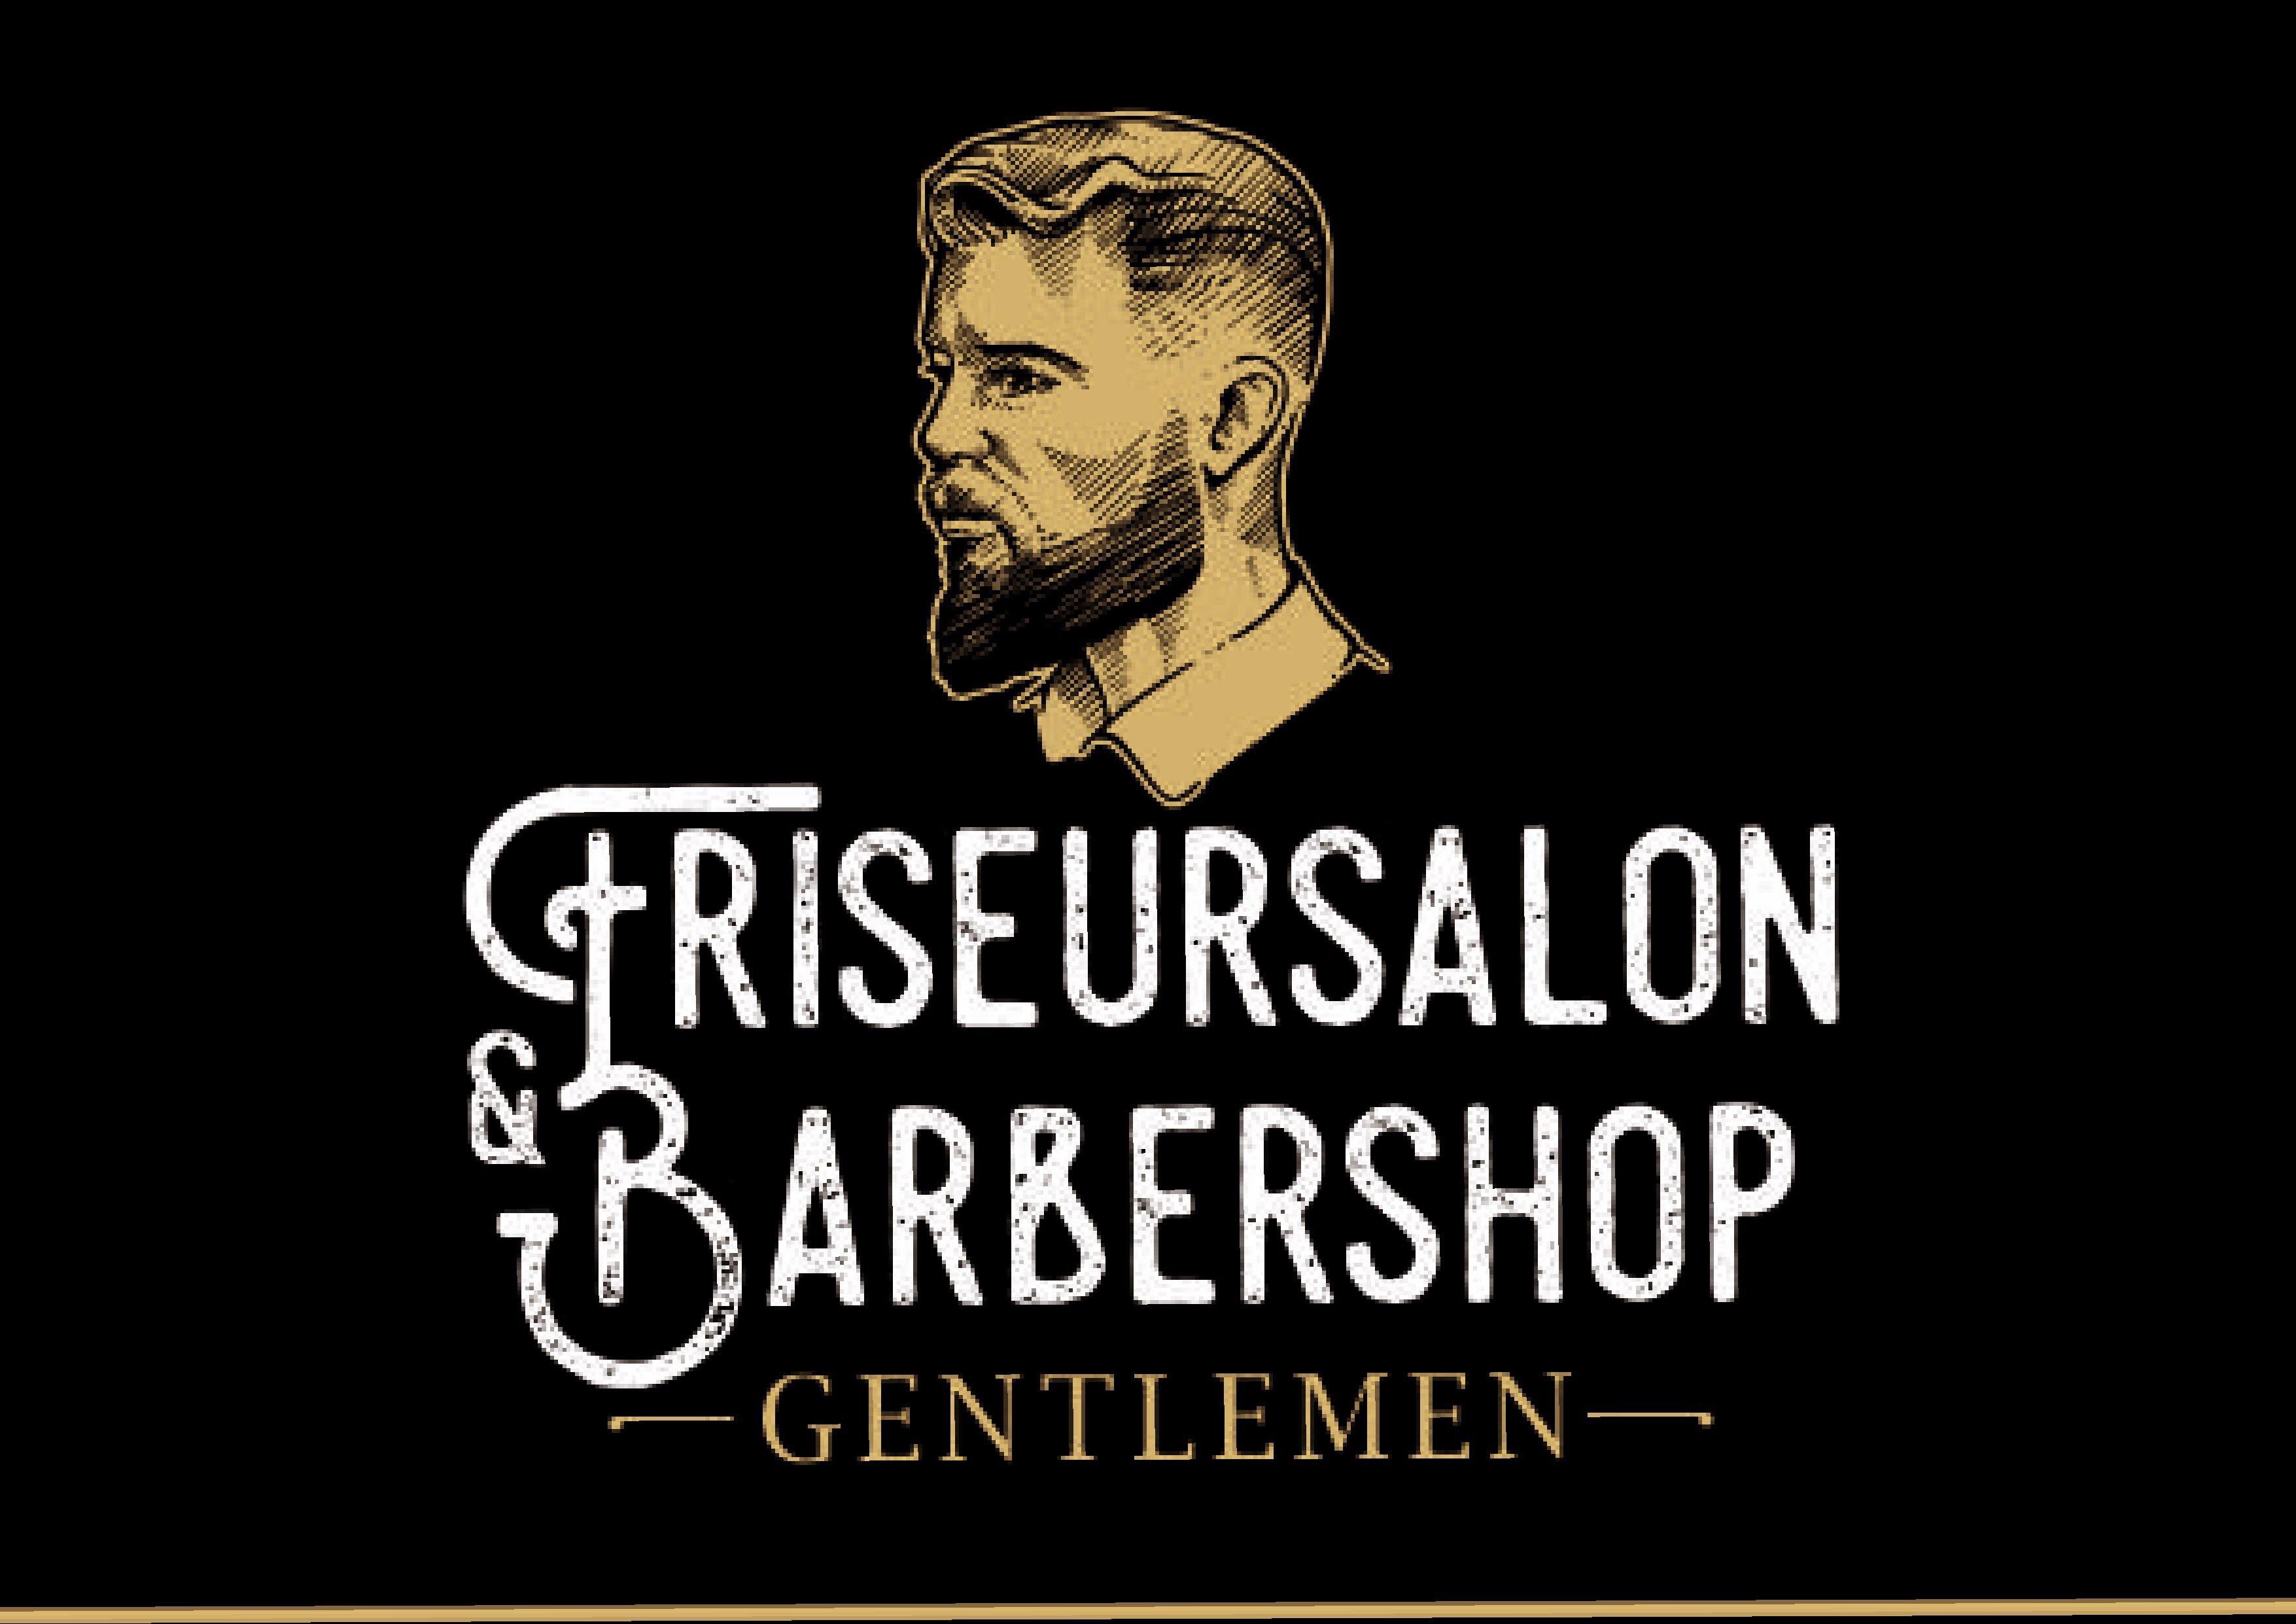 Barbershop Gentlemen